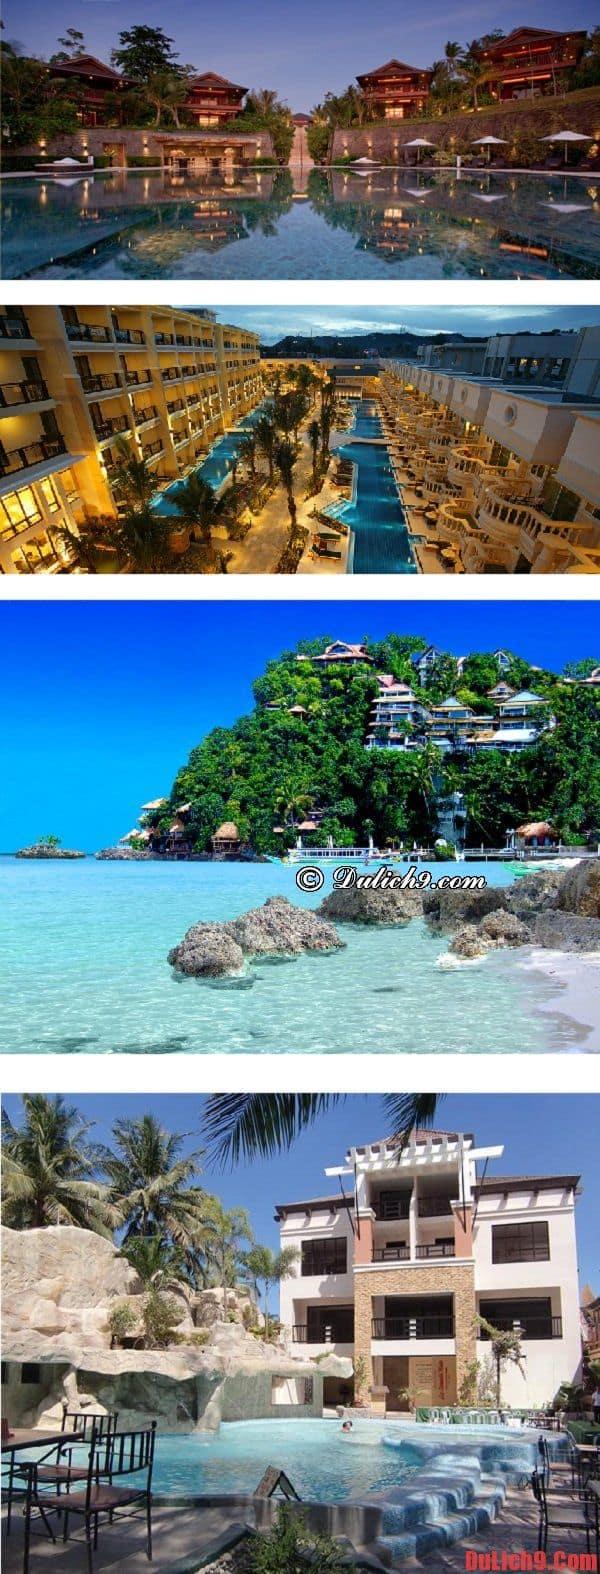 Kinh nghiệm đặt phòng khách sạn, guest house giá rẻ, chất lượng khi du lịch Boracay tự túc ăn ở